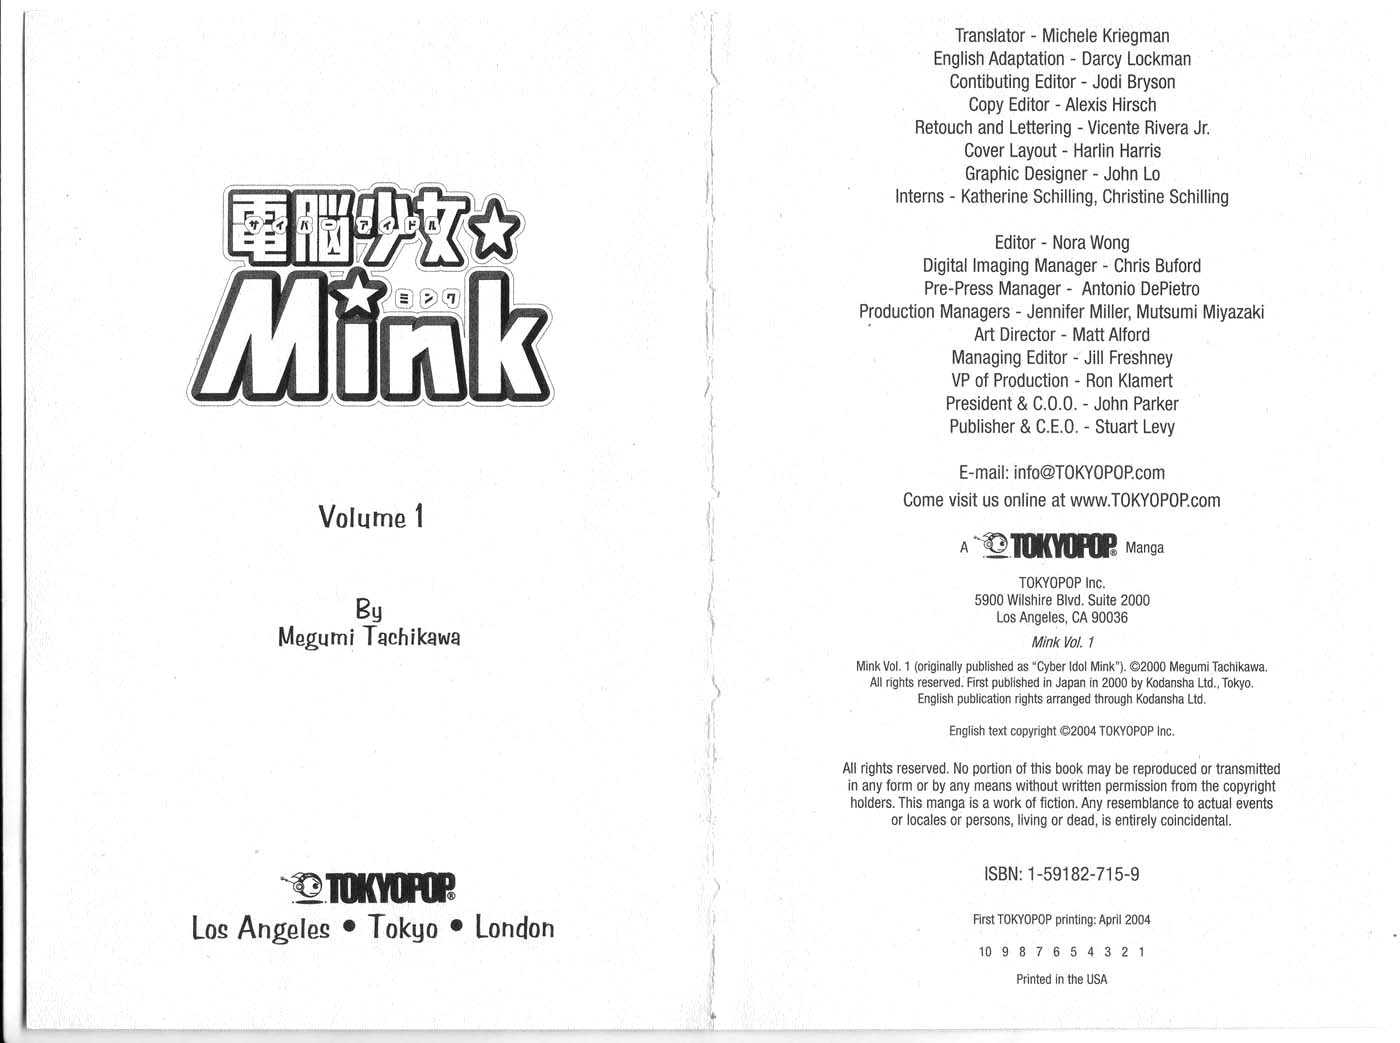 Cyber Idol Mink 0 Page 3